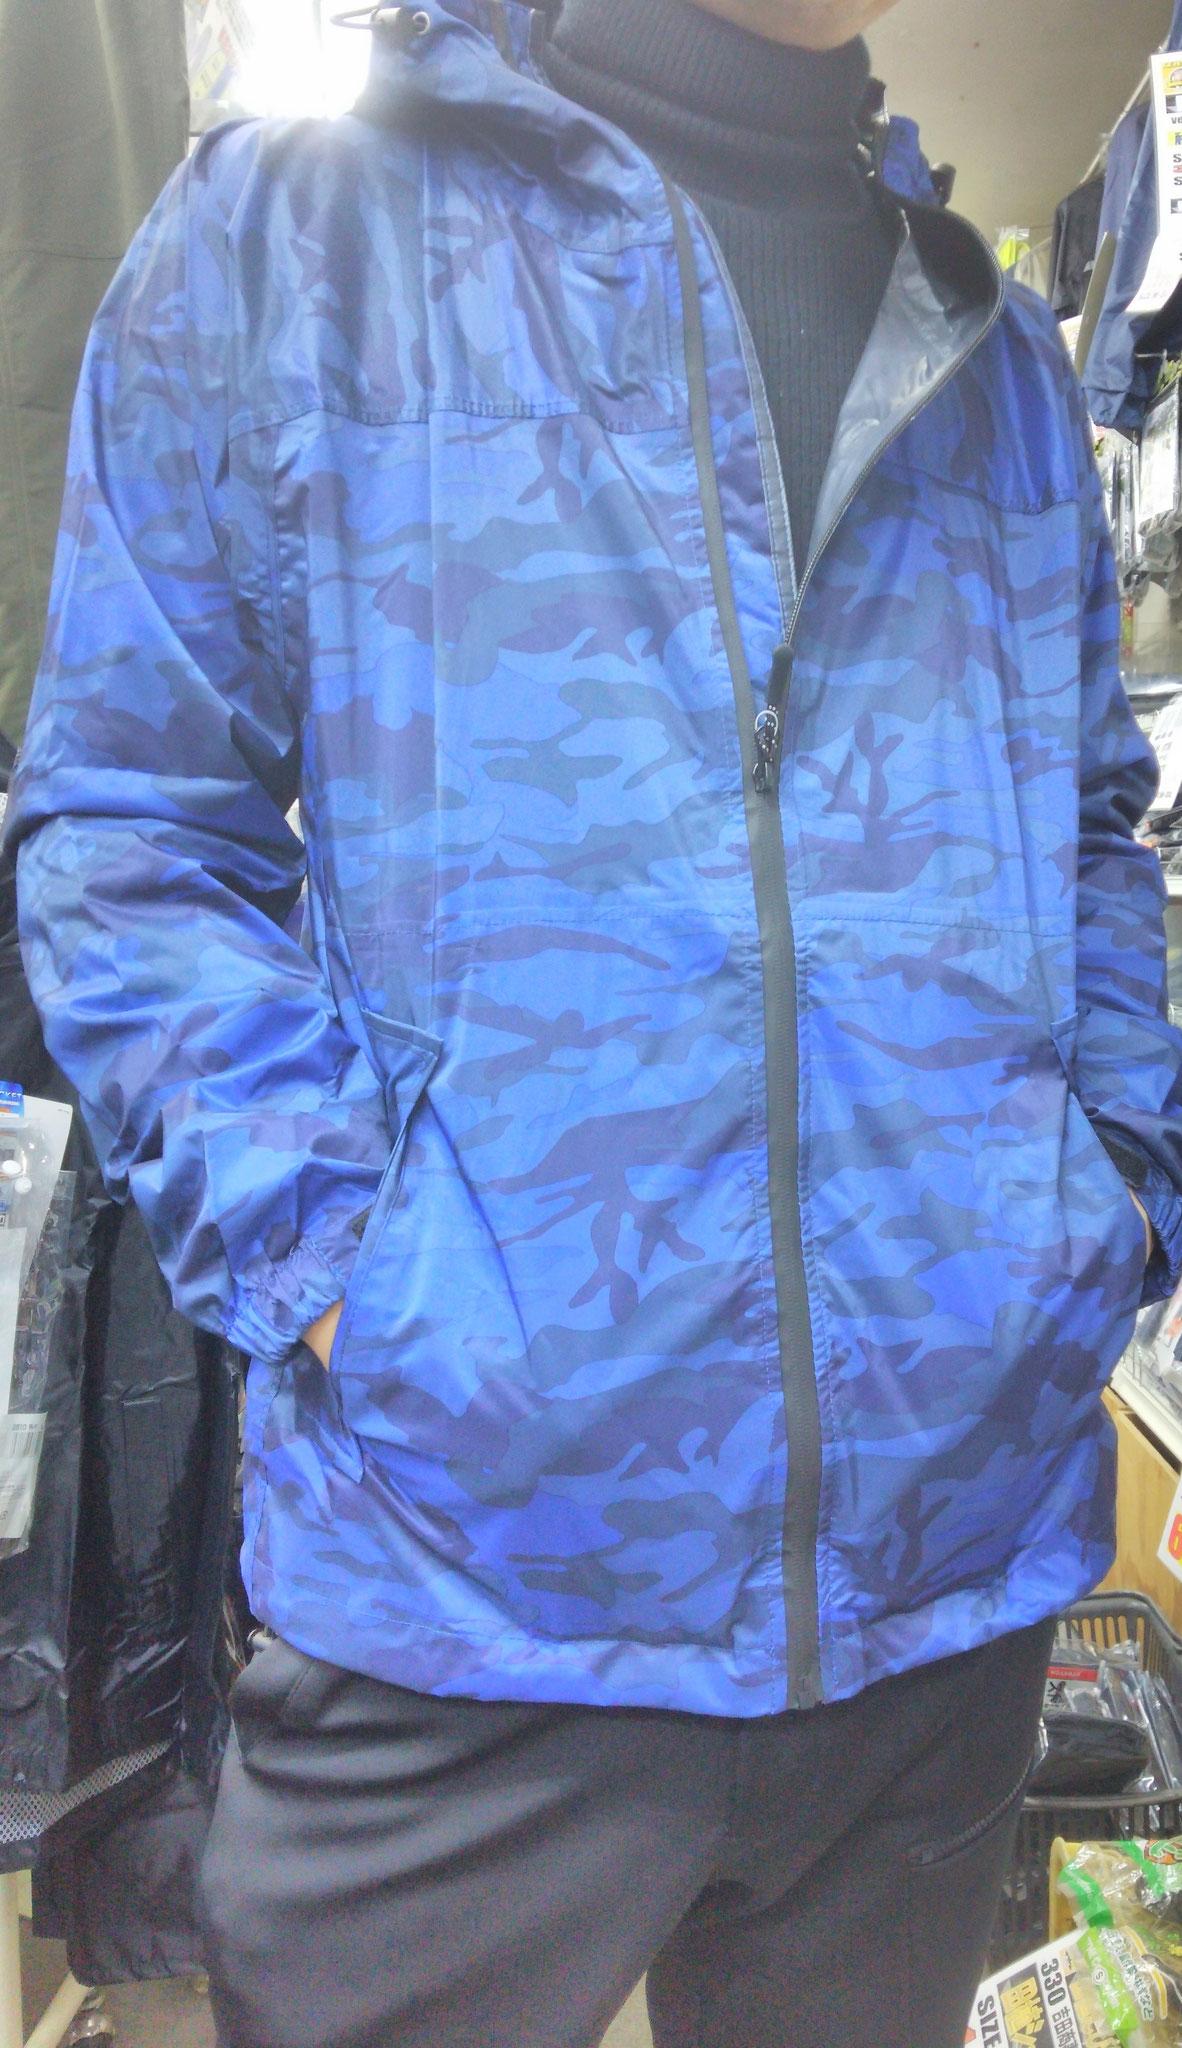 7570 ストレッチシールドジャケット ¥2,990(税込)=着てみました=ちょー着やすく、ぶち軽いです。